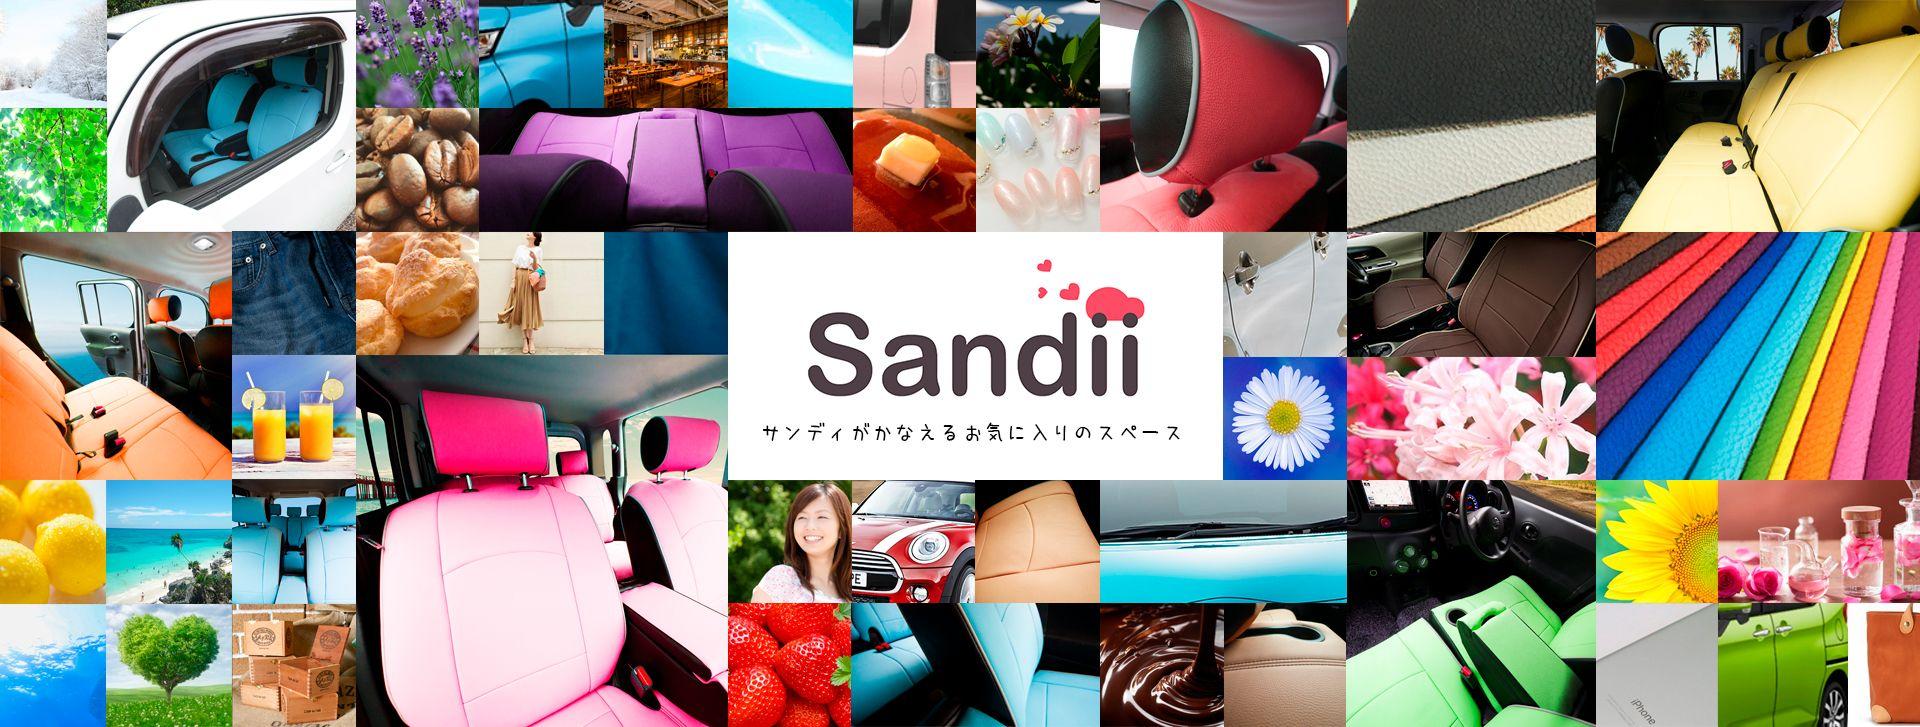 Sandii サンディがかなえるお気に入りのスペース